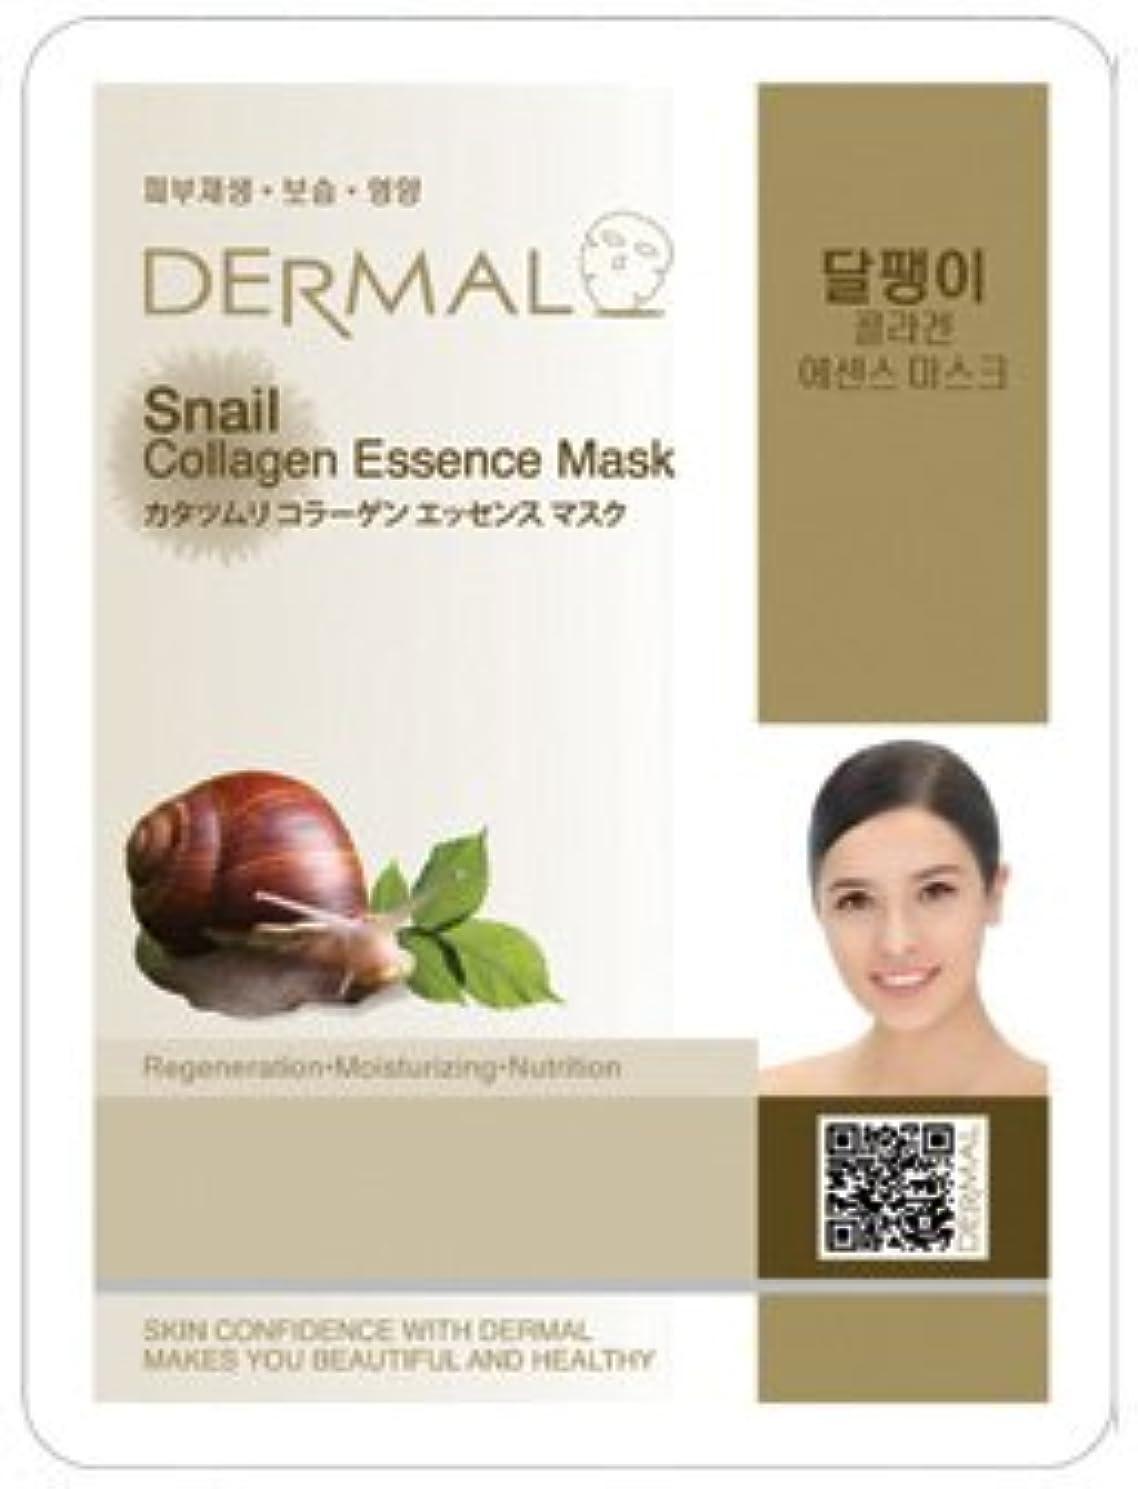 ハッチ遮る変化するDermal(ダーマル) シートマスク カタツムリ 10枚セット フェイス パック